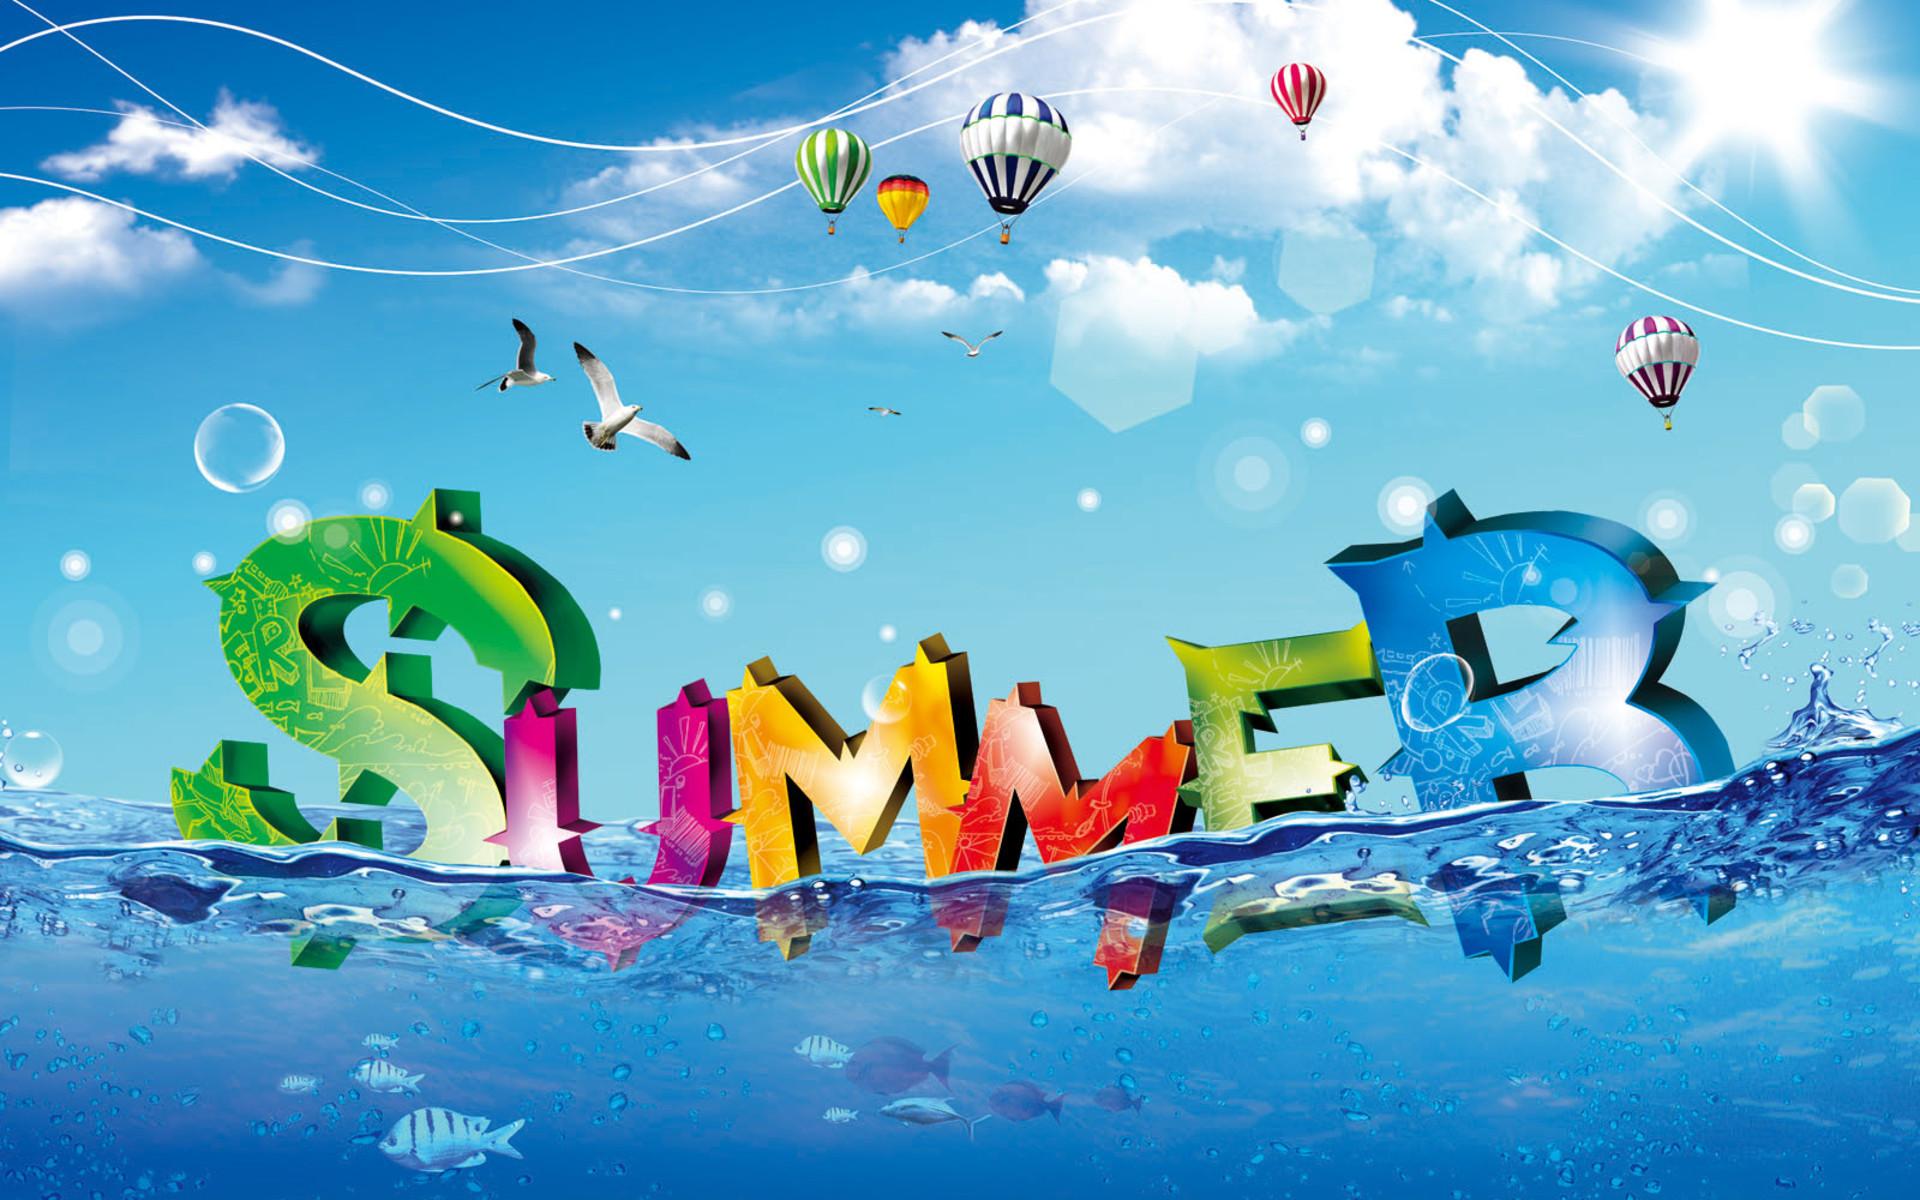 Image: http://www.desktopwallpaperhd.net/wallpapers/7/a/wallpaper-summer-other-screensavers-71786.jpg